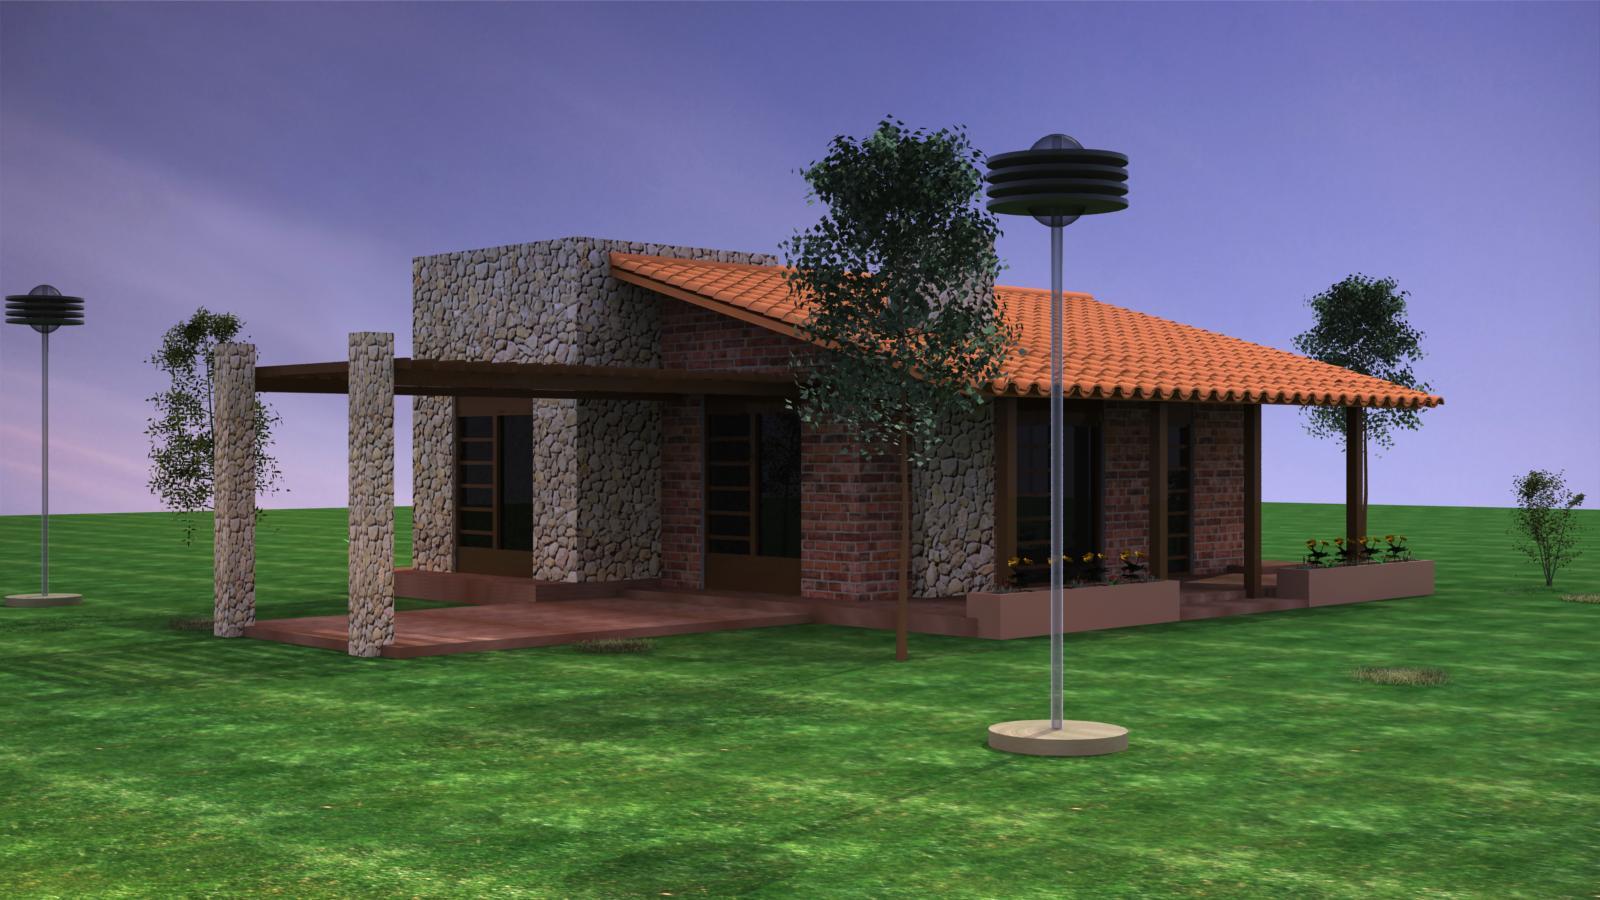 Cherirada fotos de fachadas de casas modernas pequenas - Casas pequenas de campo ...